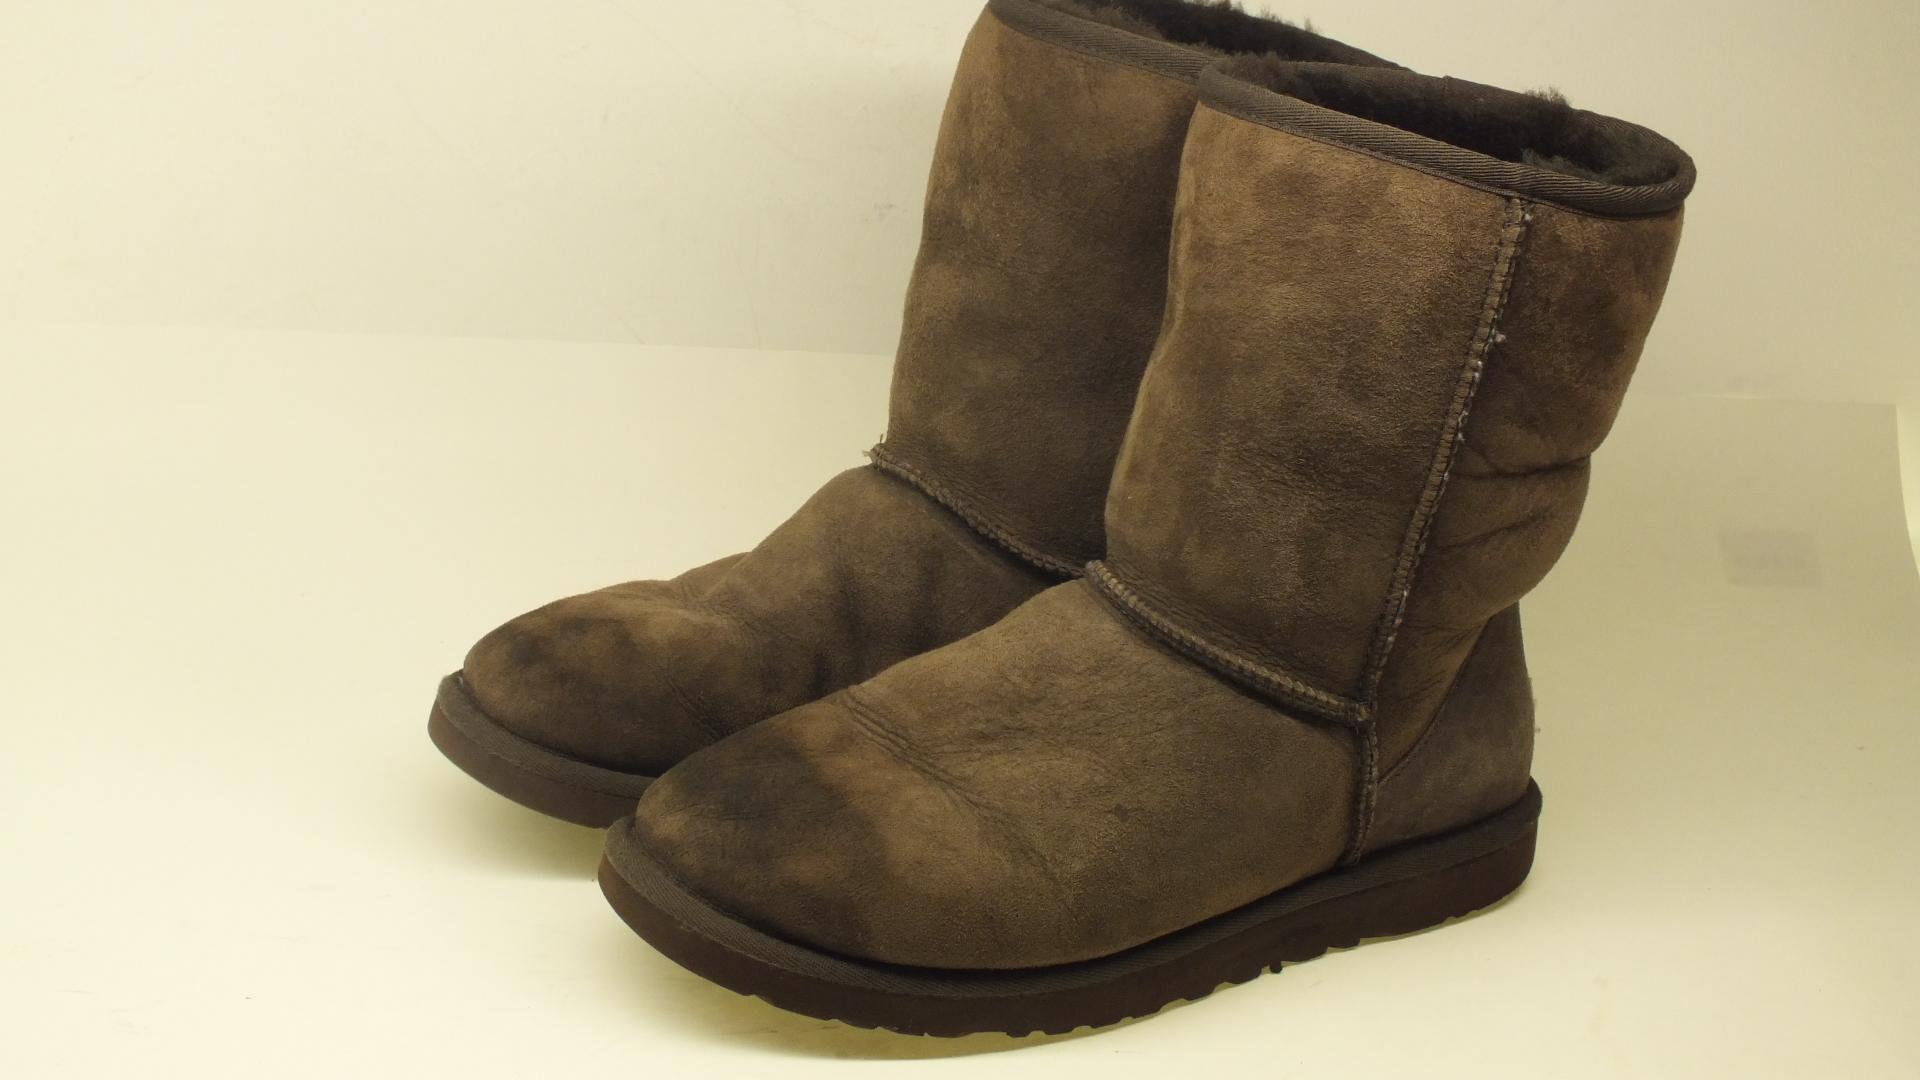 5a4d1d1a43c UGG Australia classic short women boots size 9W color brown